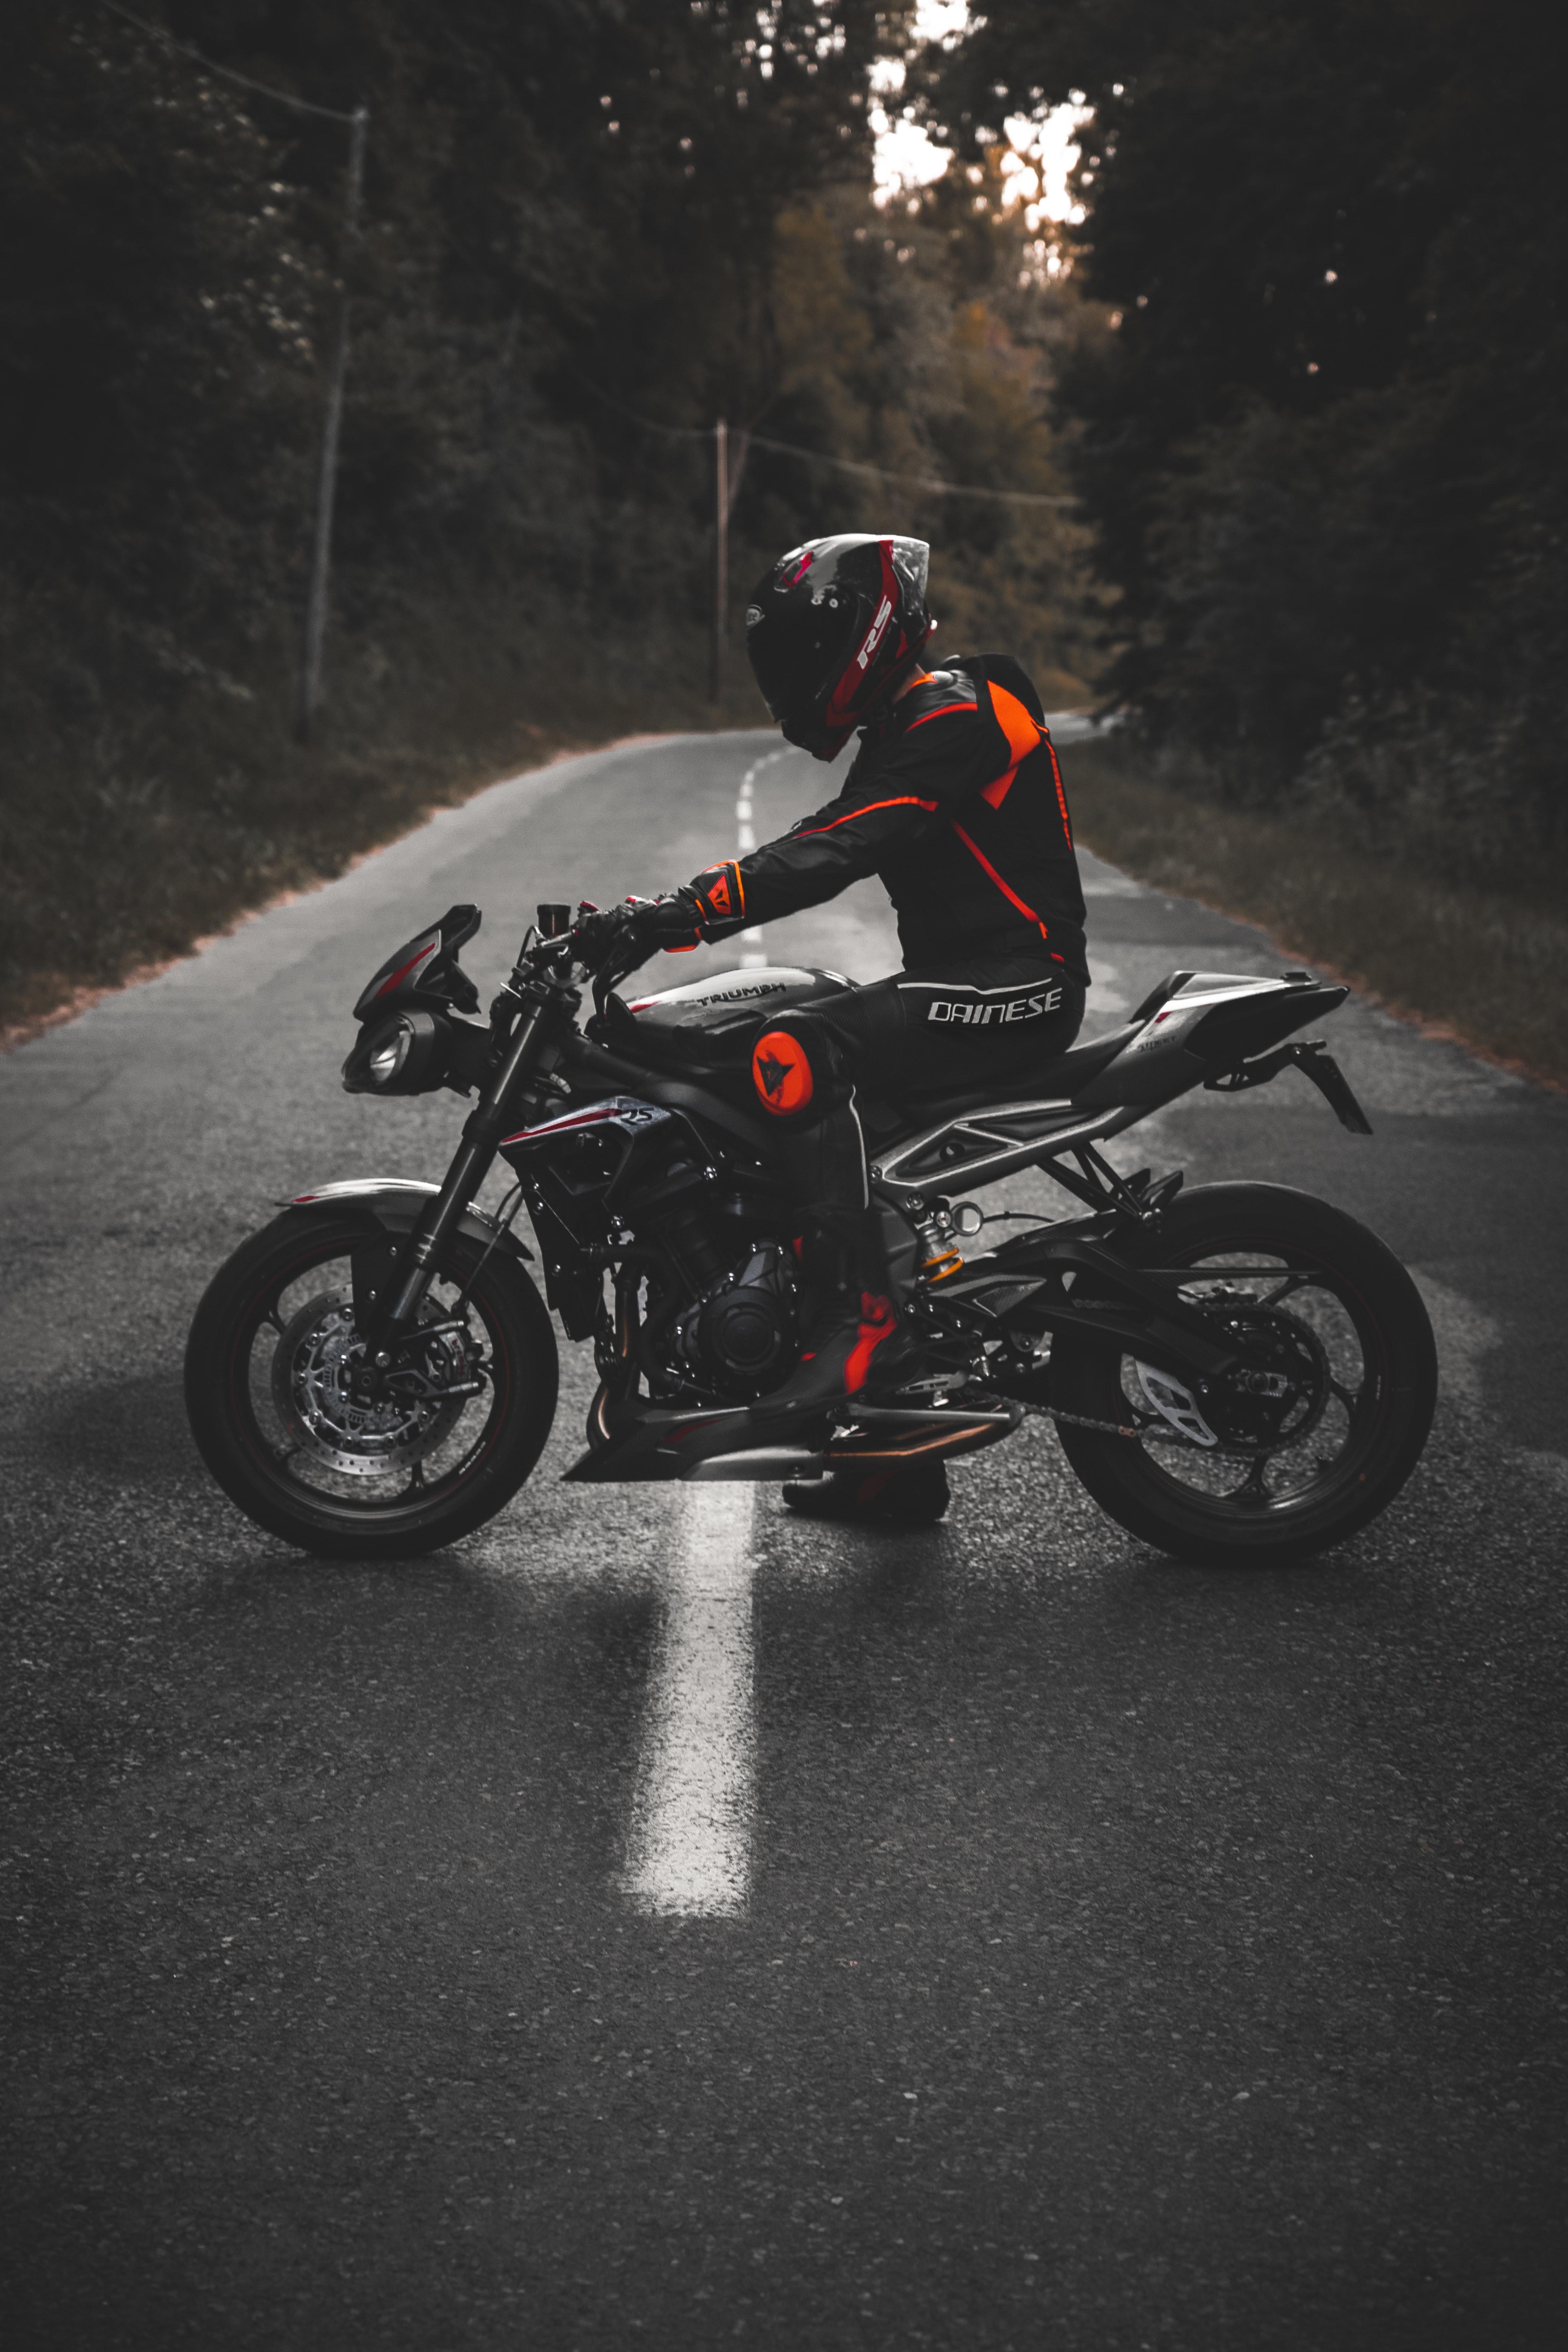 85610 скачать обои Мотоциклы, Мотоцикл, Мотоциклист, Байк, Экипировка, Шлем - заставки и картинки бесплатно